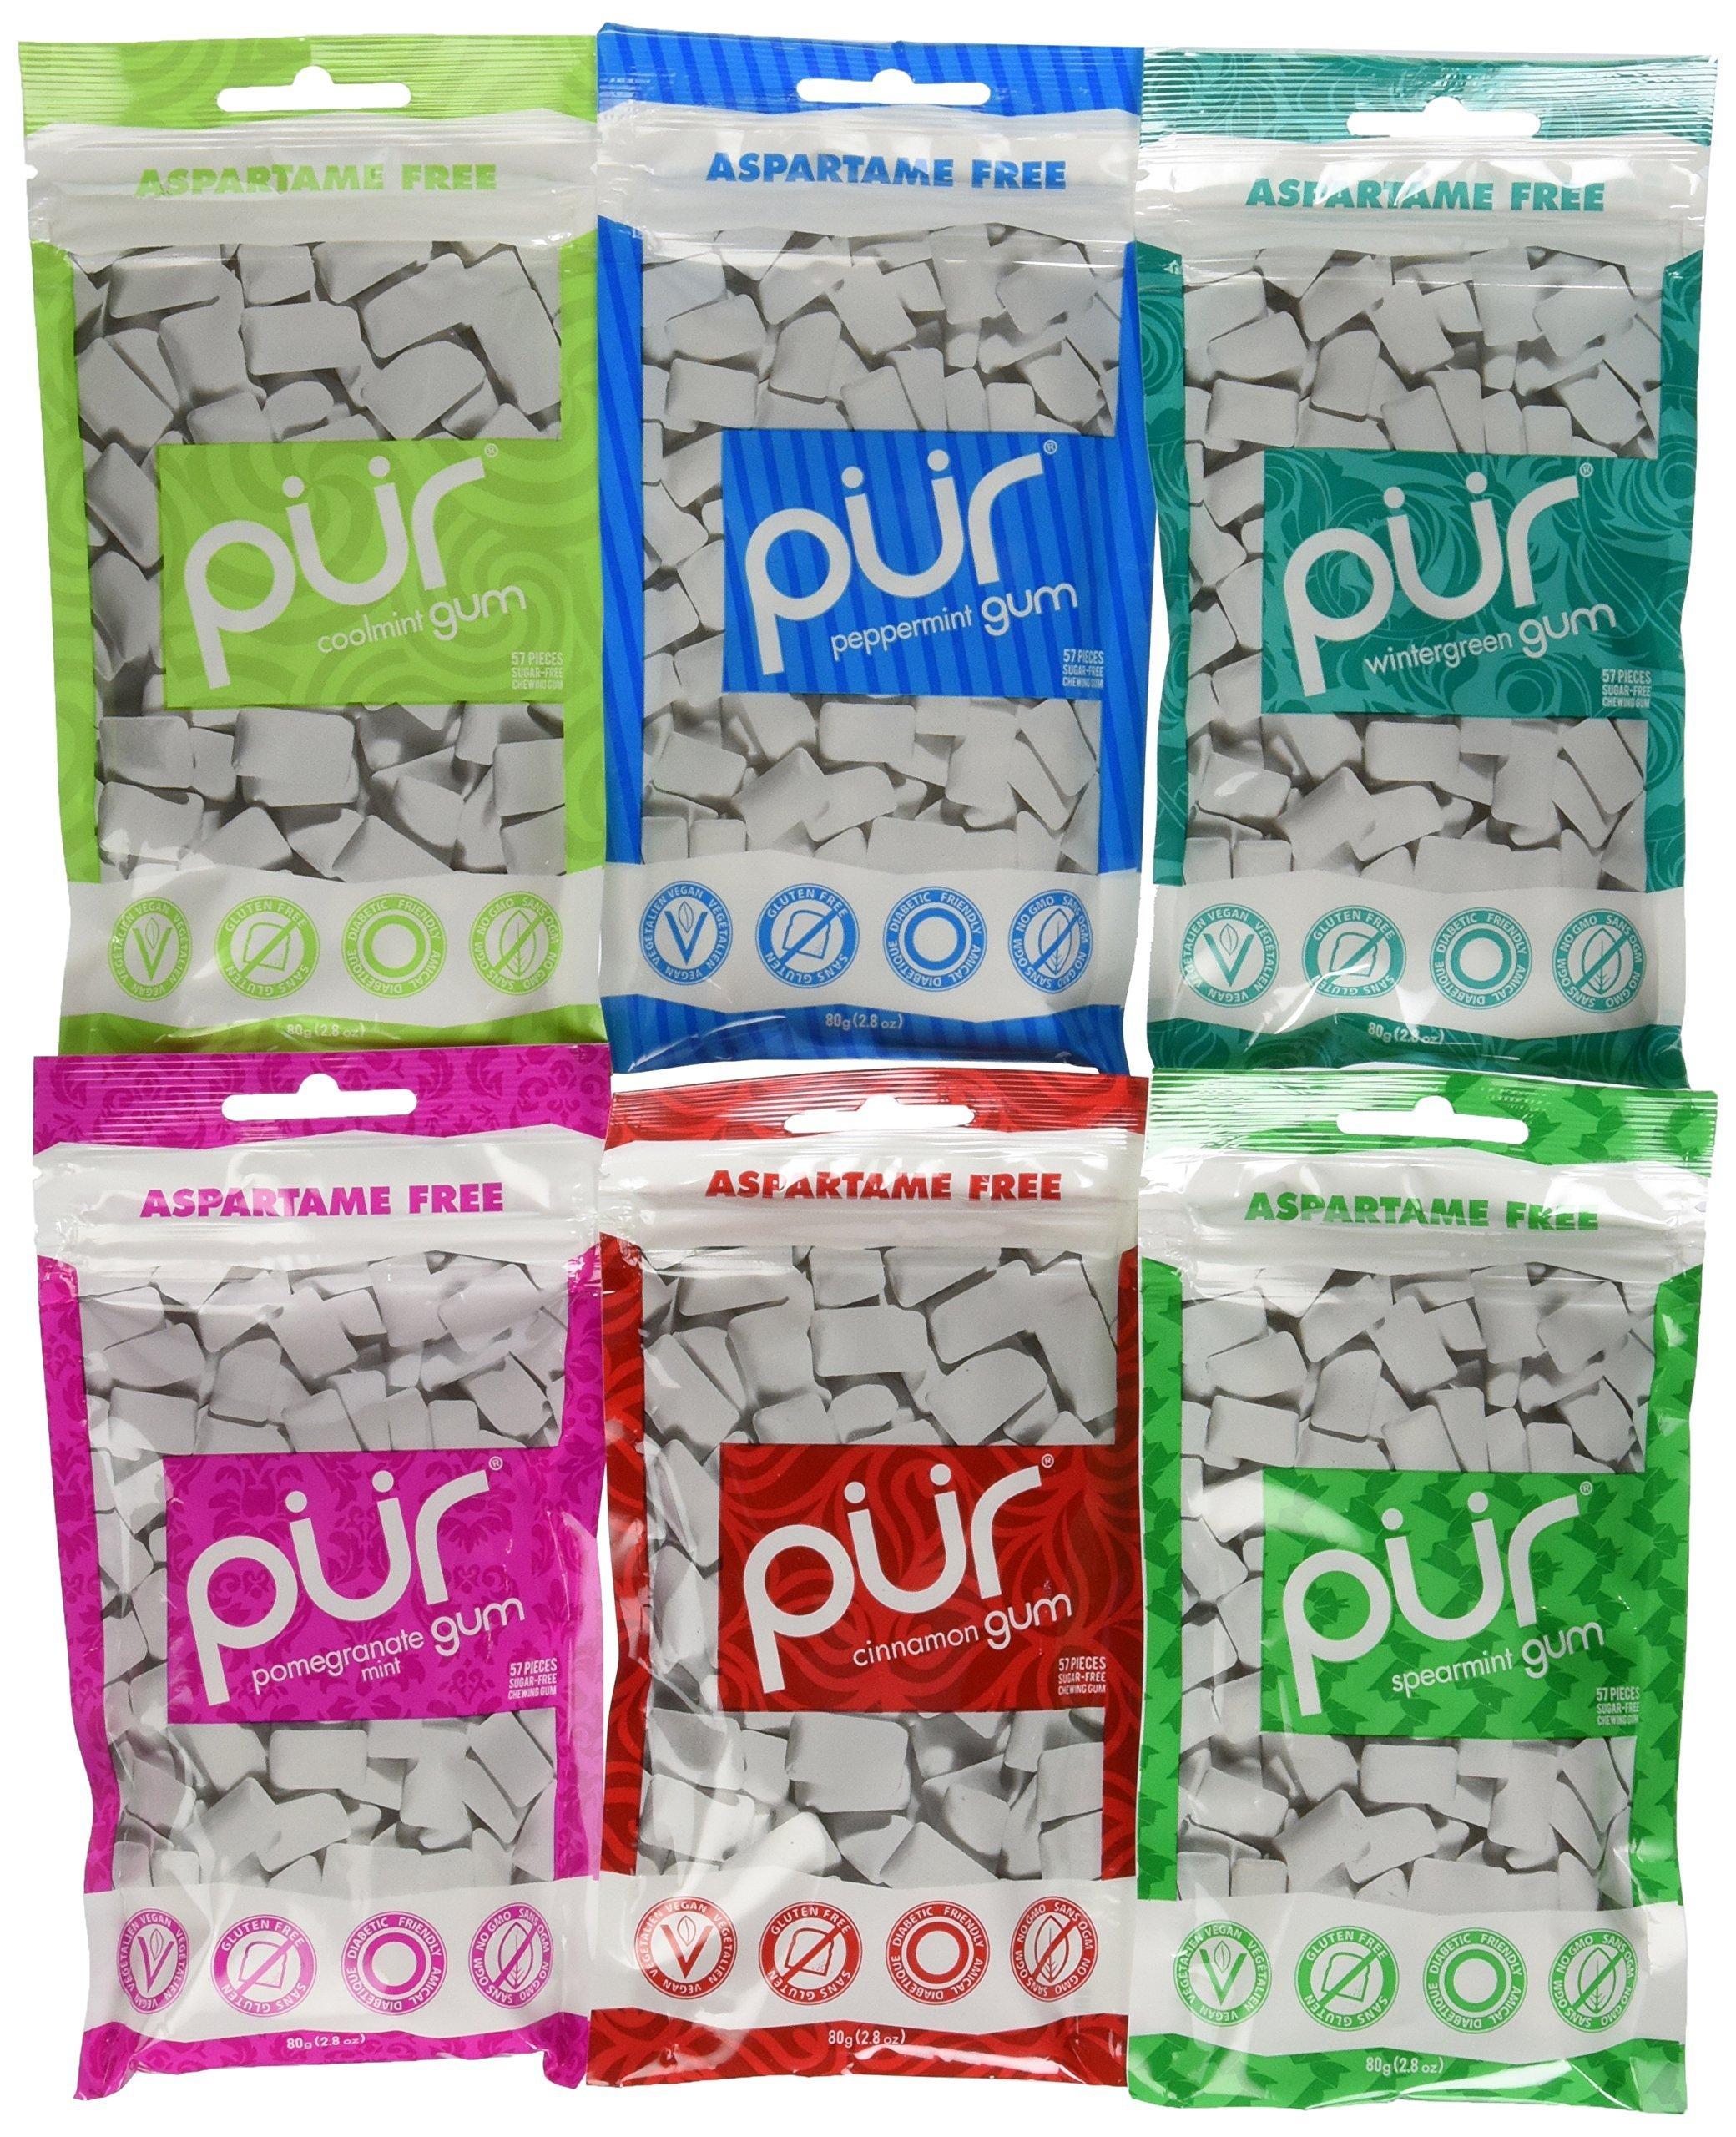 PUR Gum 6 Flavor Assortment Spearmint, Peppermint, Pomegranate Mint, Wintergreen, Cinnamon, Coolmint by PUR Gum